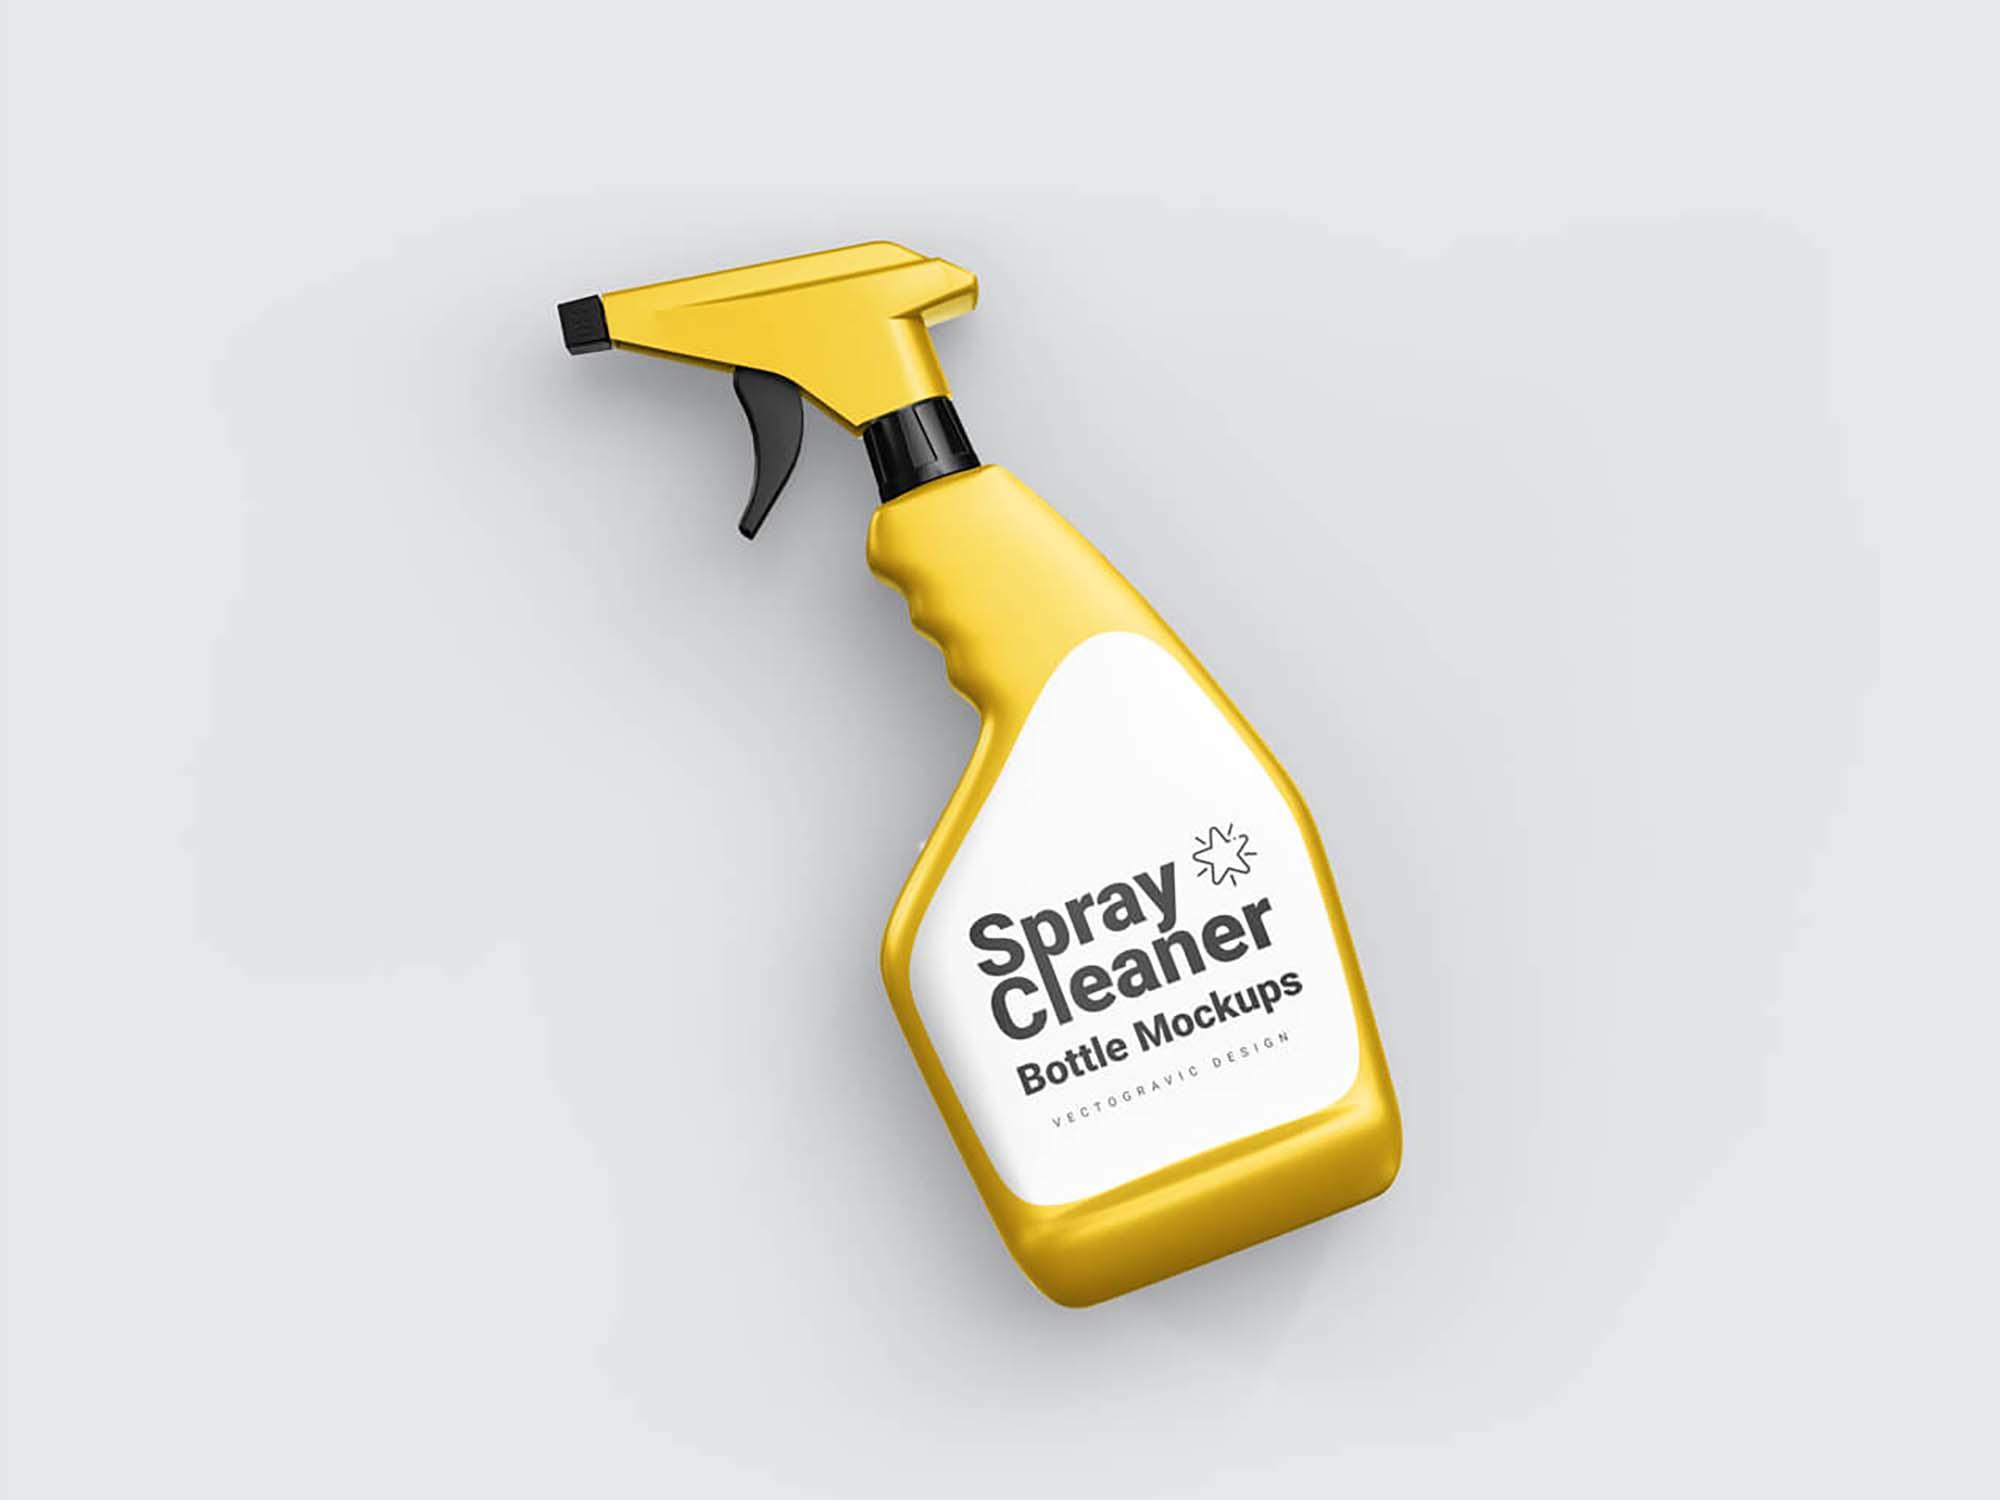 Spray Cleaner Bottle Mockup